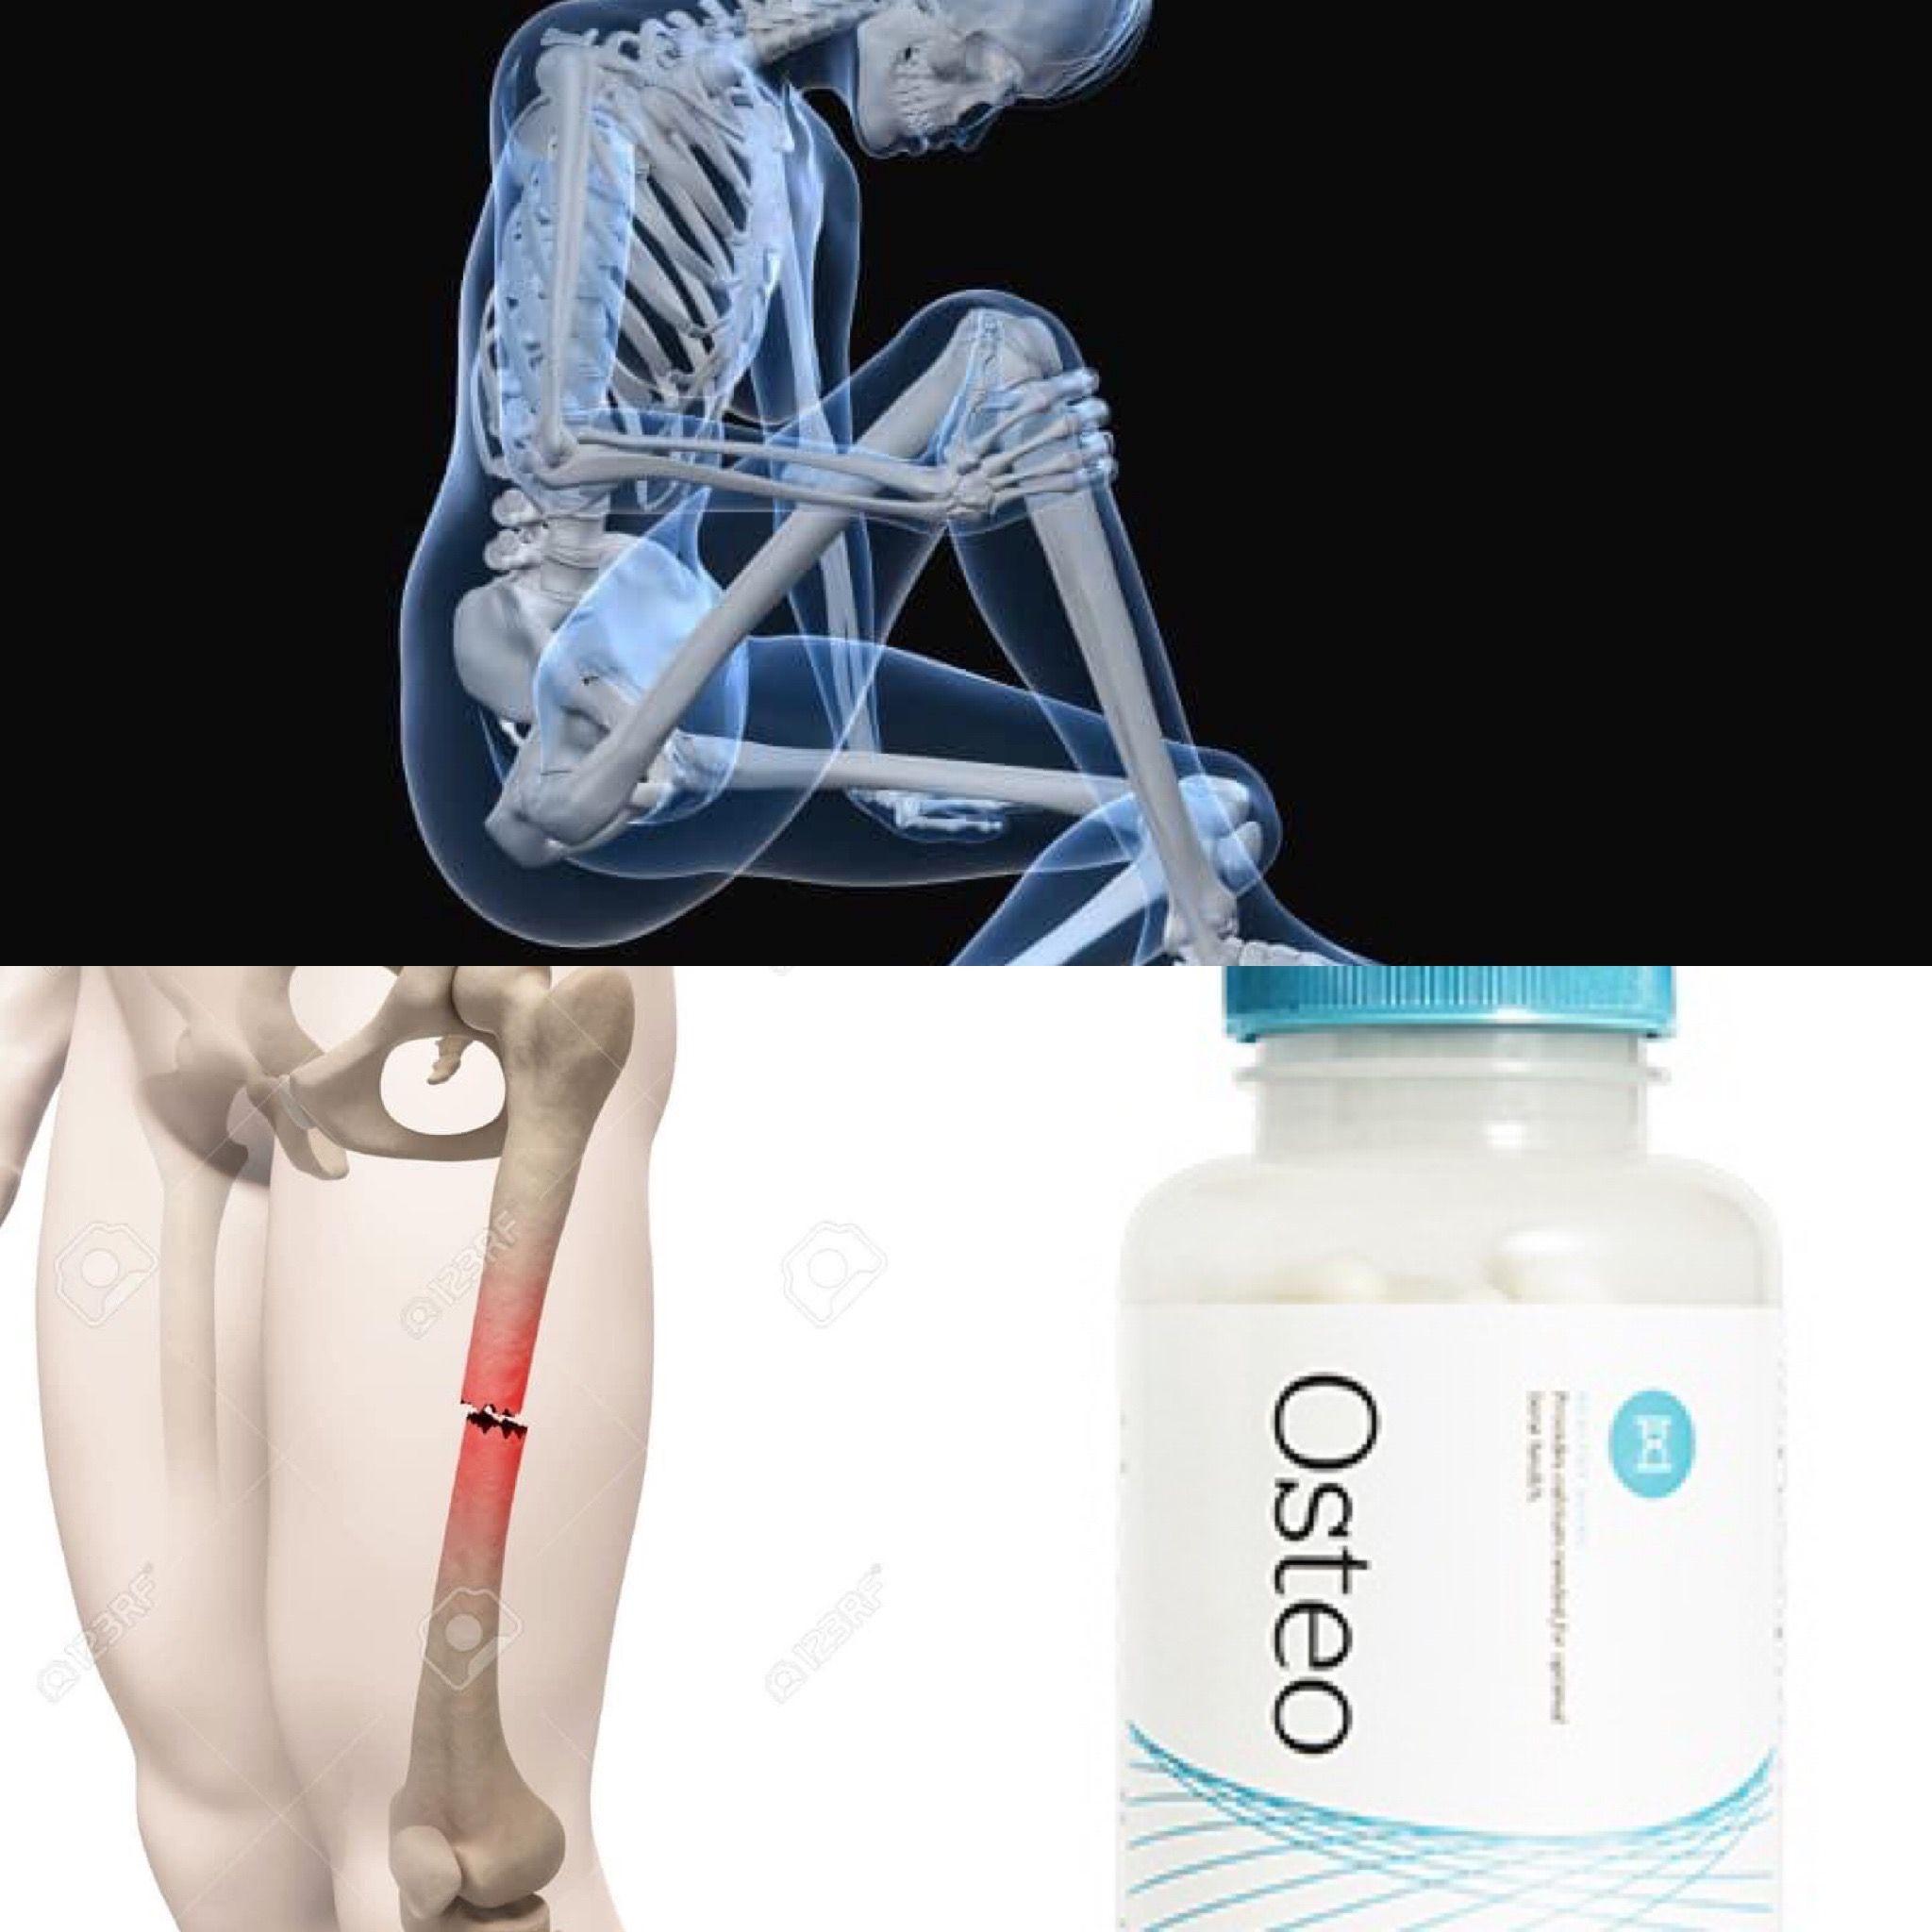 Sabes Lo Importancia De Cuidar Los Huesos Y Nuestras Articulaciones A Lo Largo De Nuestra Vida Sabes Que Es Fun Reusable Water Bottle Water Bottle Bottle